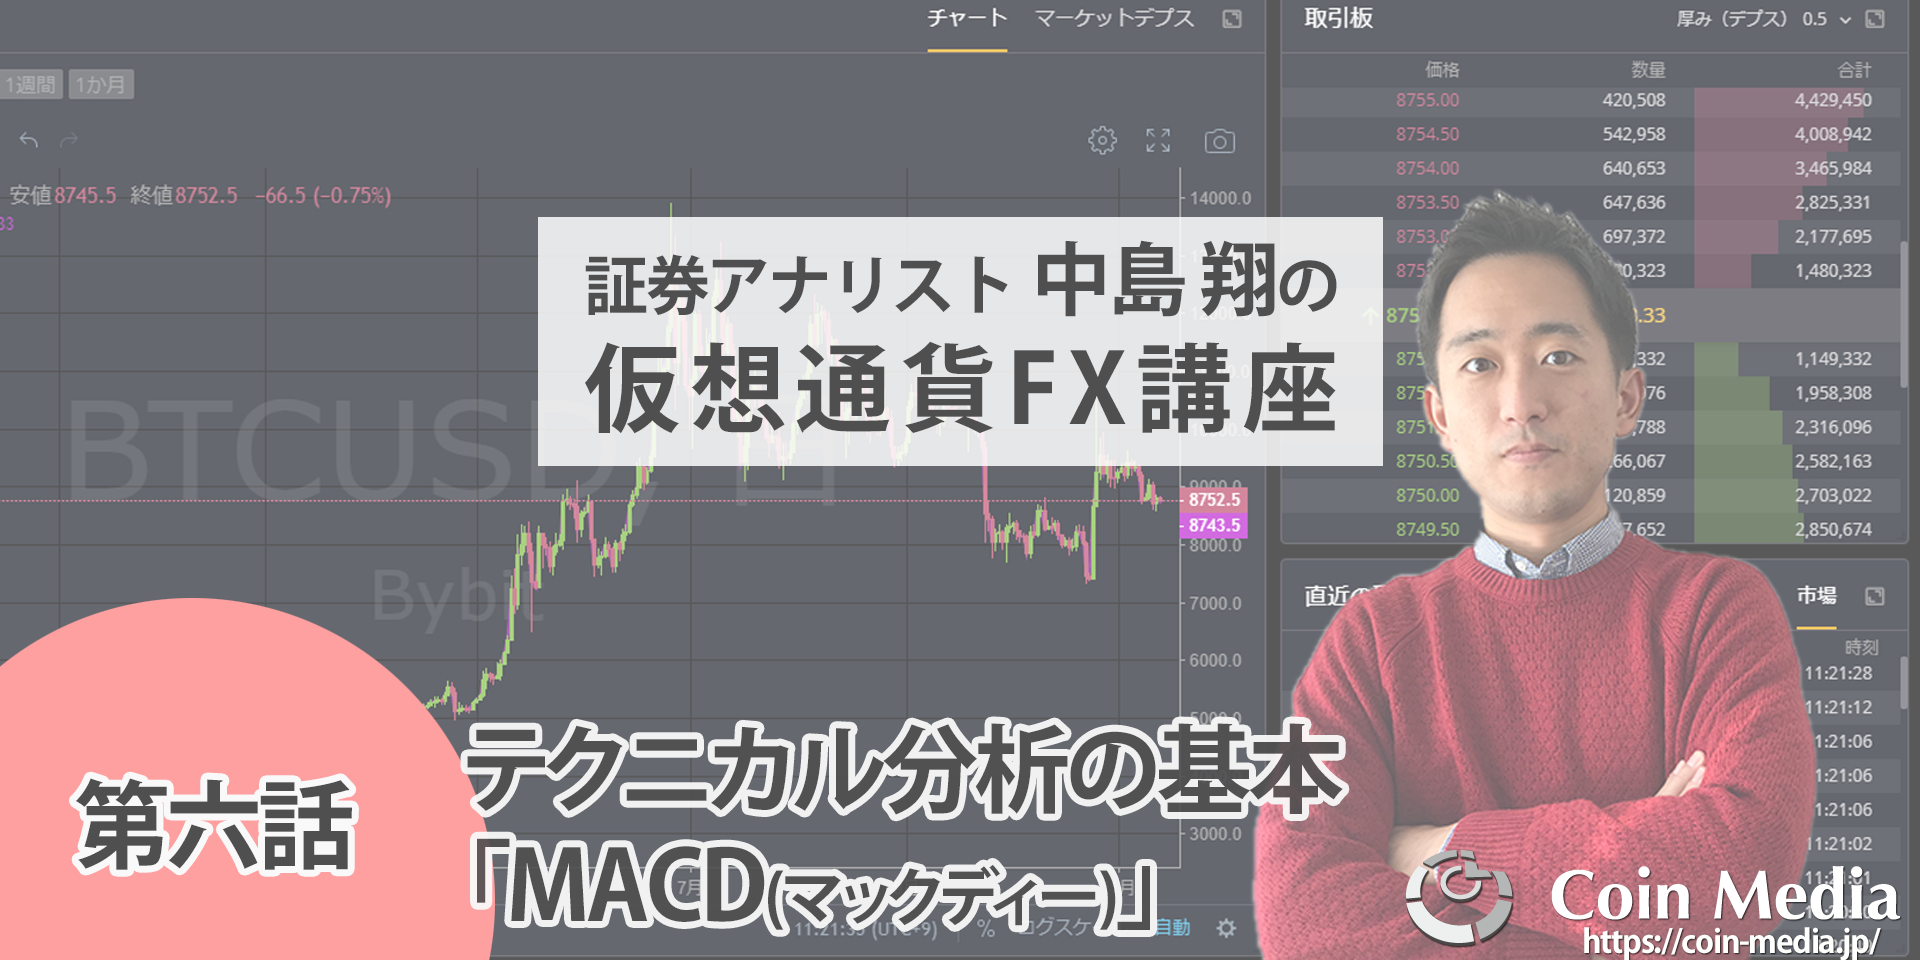 初心者のための仮想通貨FX講座六話MACD